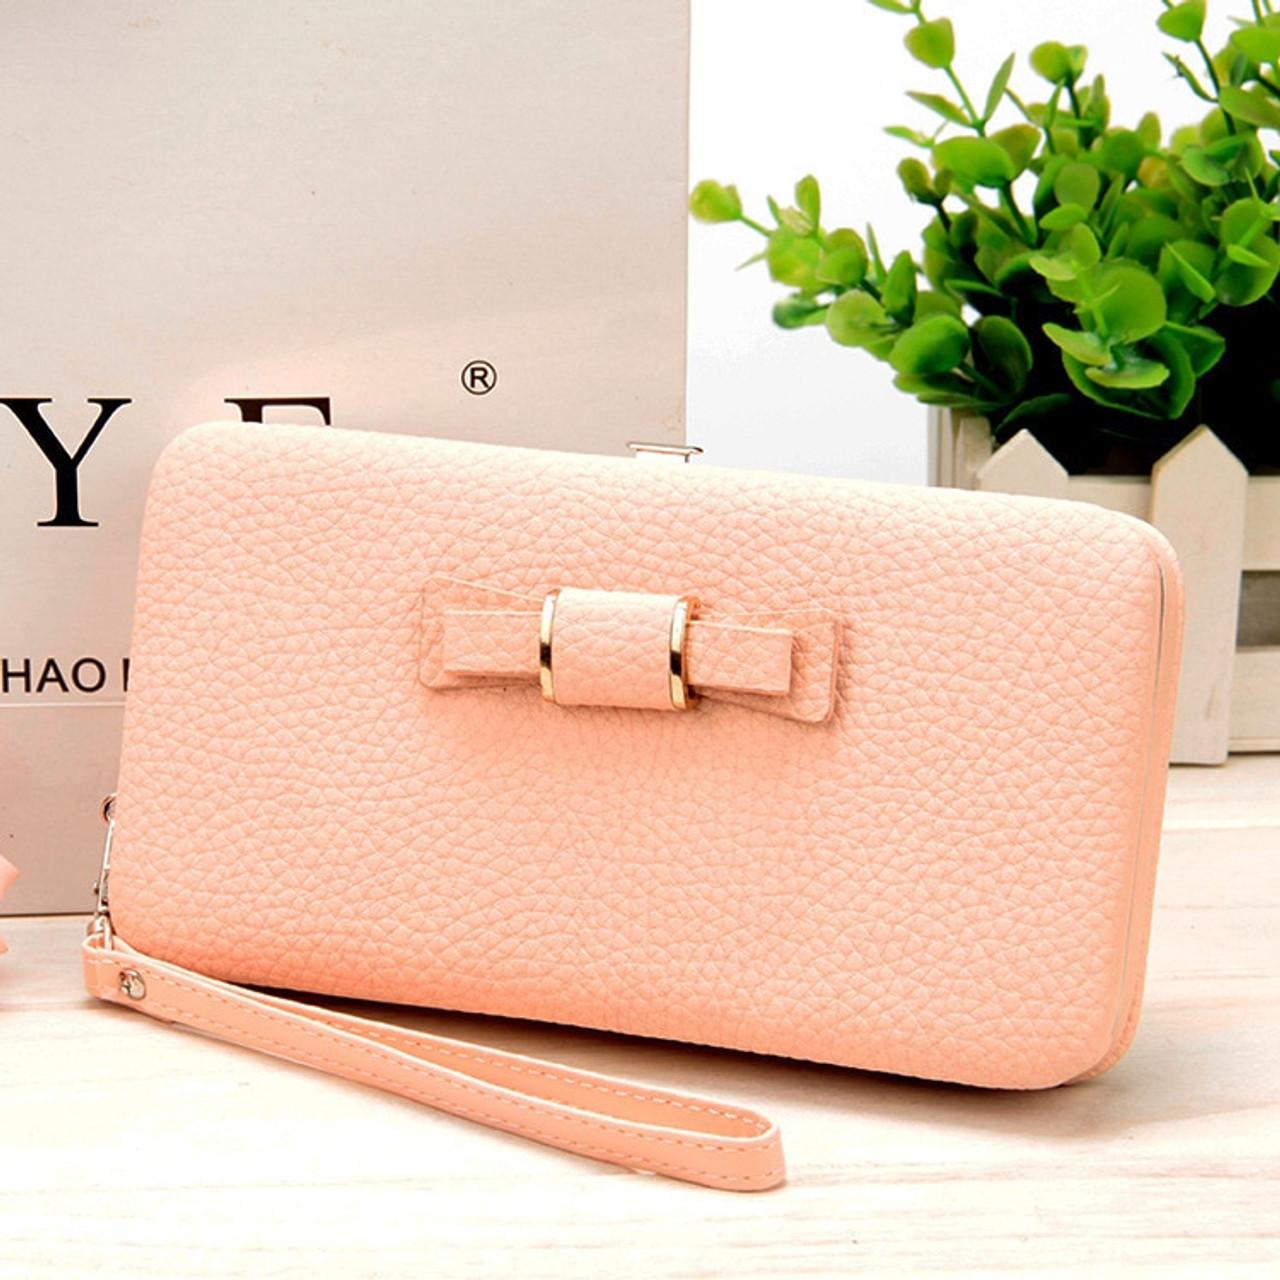 Women Leather Clutch Wallet Card Holder Long Teddy bear big Purse Bag Handbag